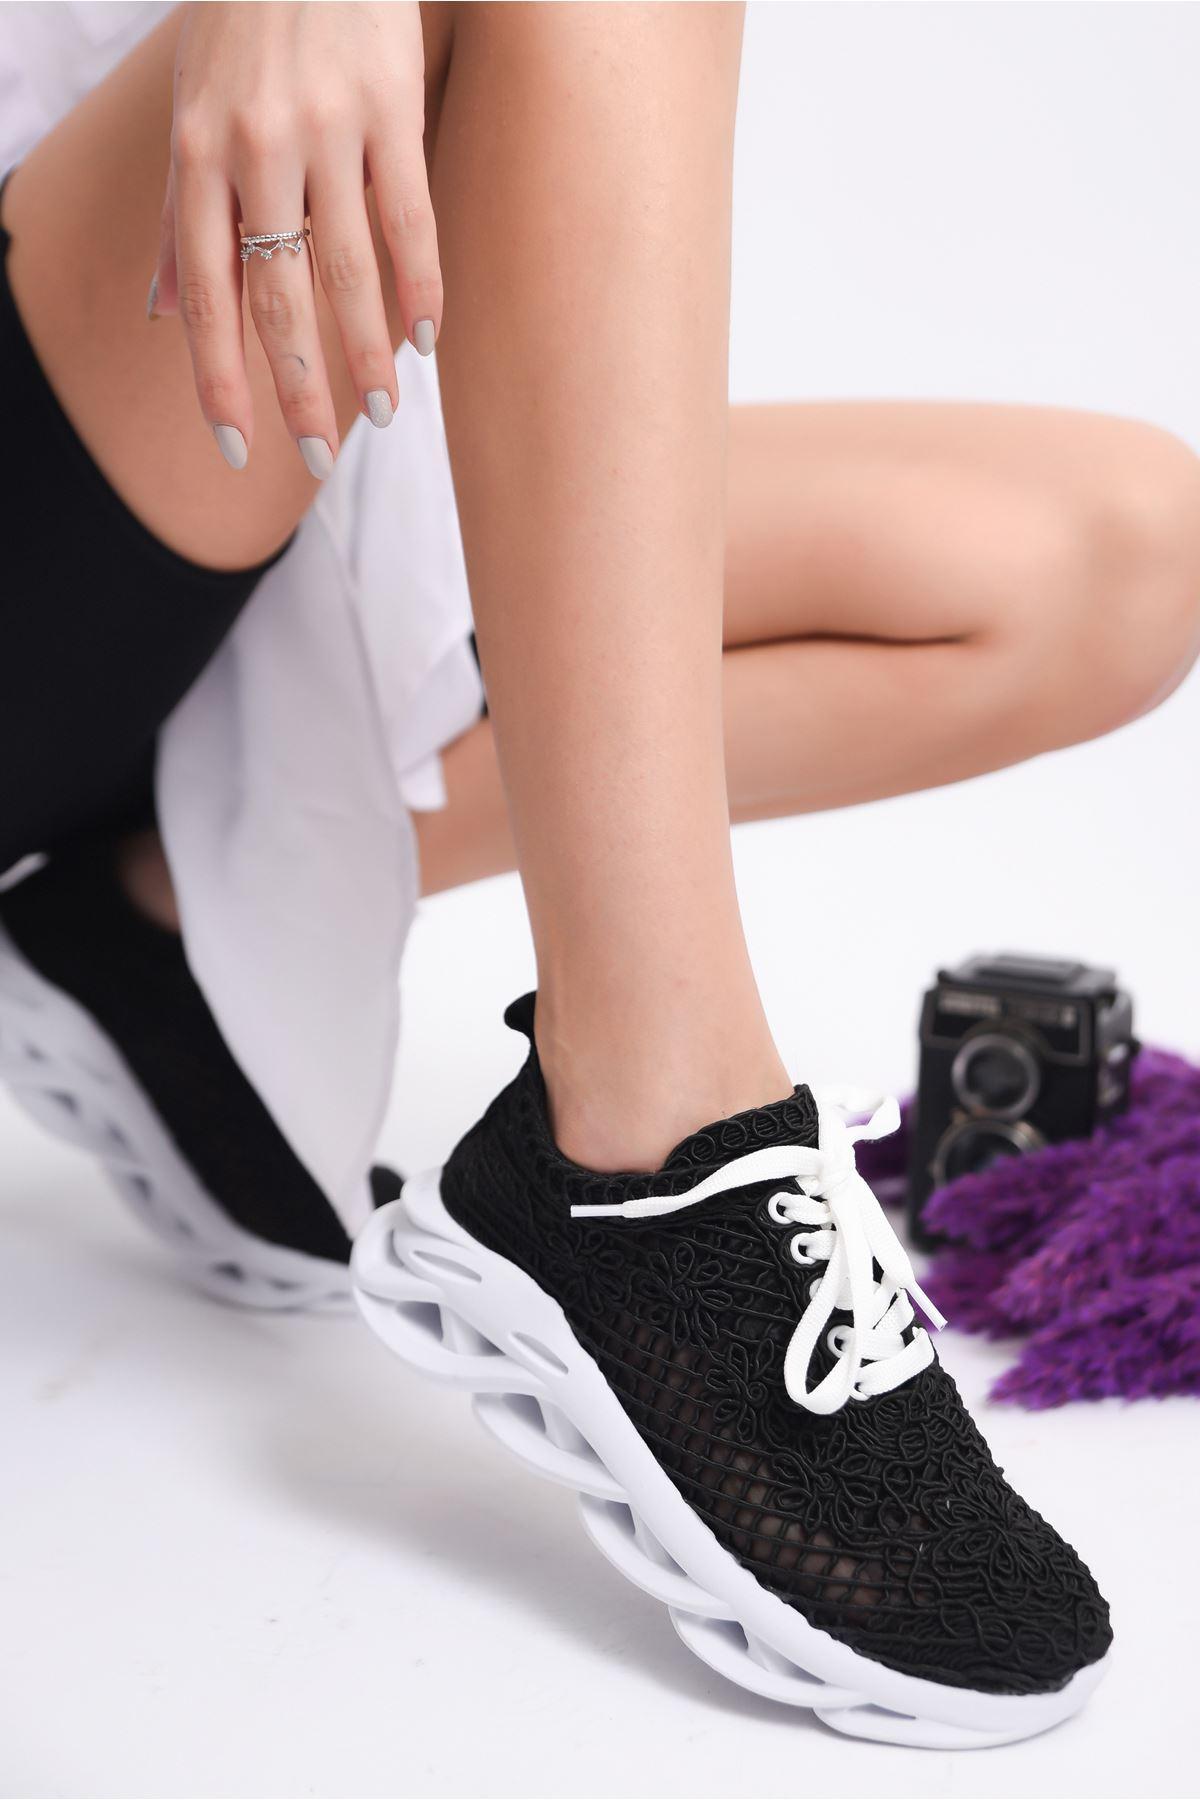 Kadın Minake Kalın Taban Örgü Detay Siyah Spor Ayakkabı